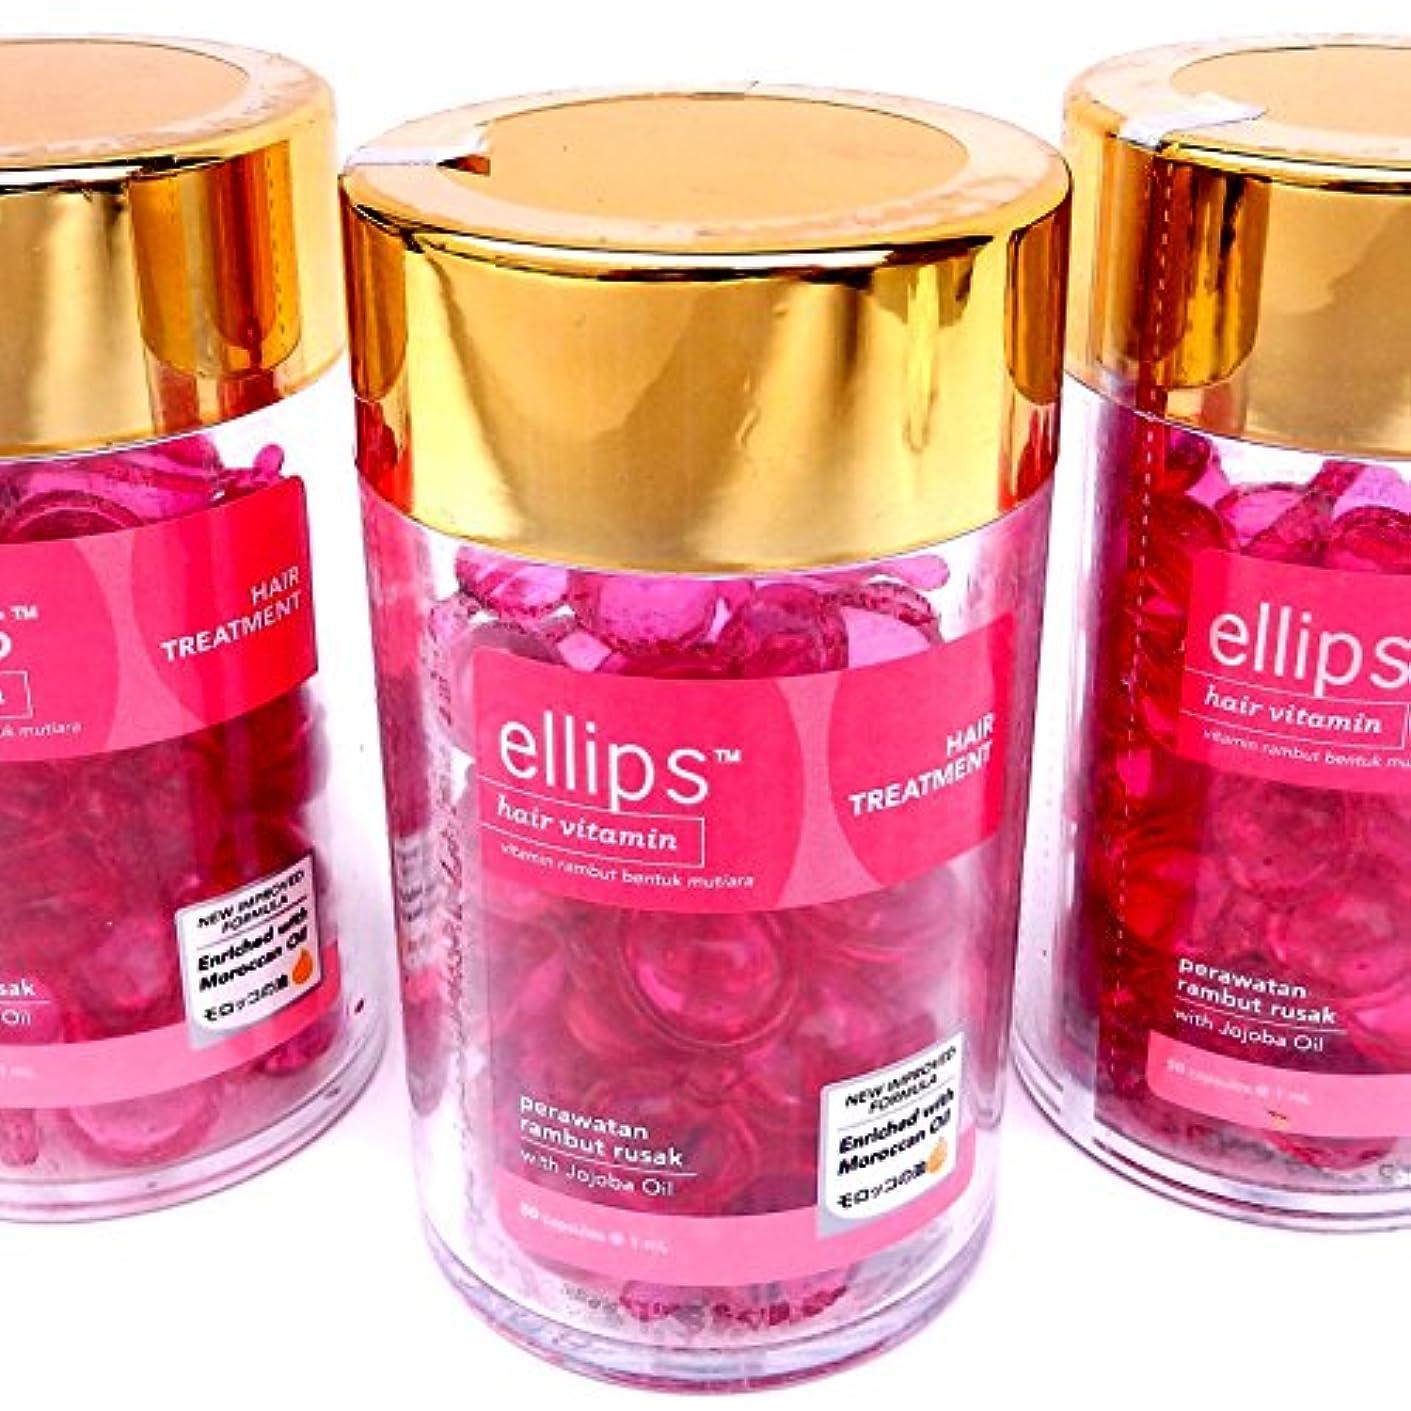 眩惑する花嫁グリップエリプス(Ellips) ヘアビタミン ピンク ボトル(50粒入)× 3 個セット[並行輸入品]